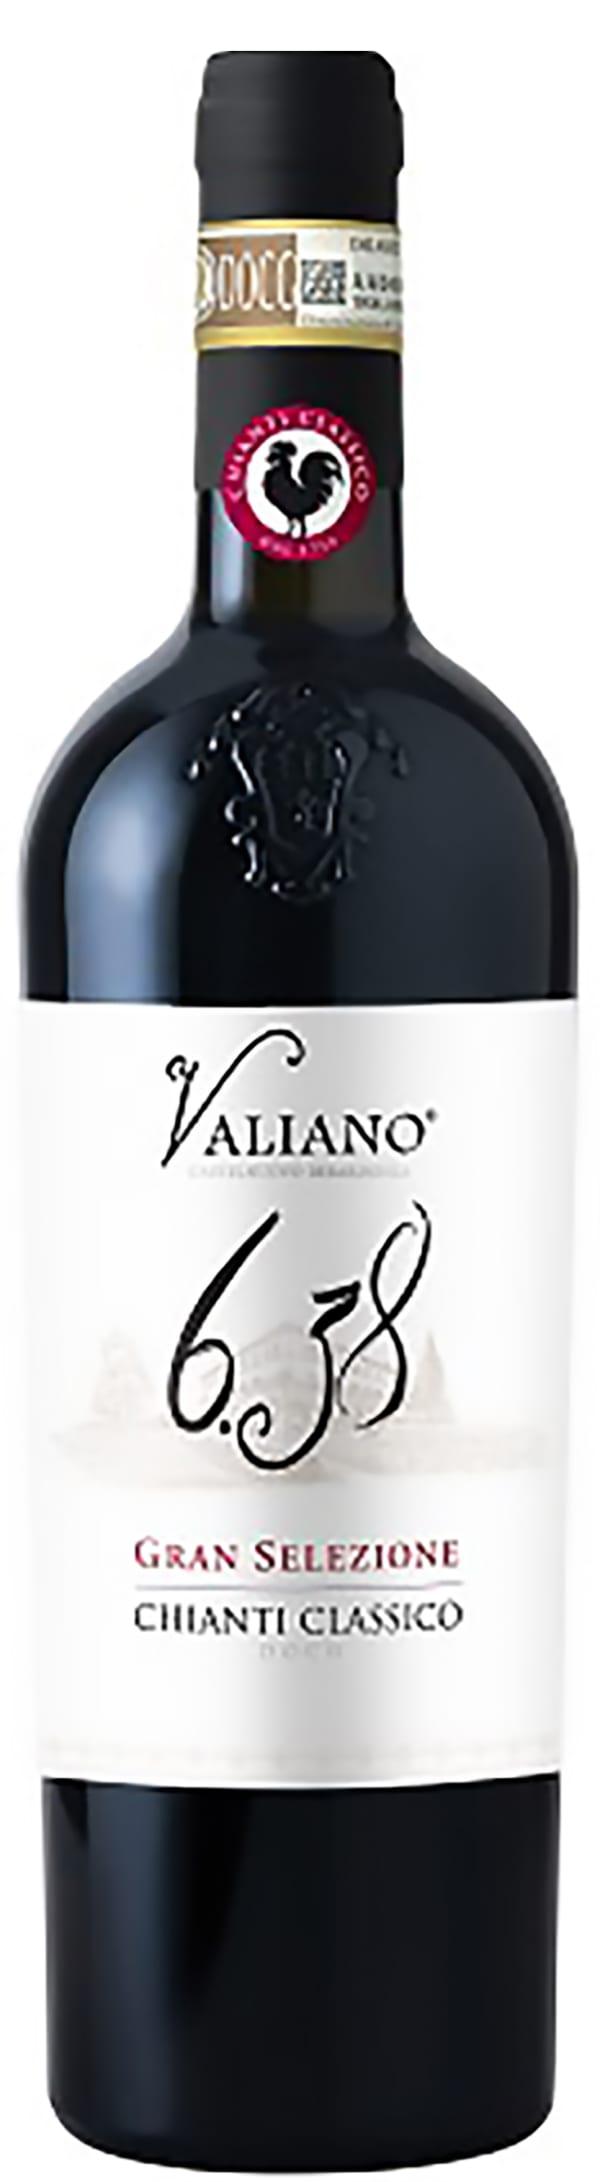 Piccini Valiano 6.38 Chianti Classico Gran Selezione 2011